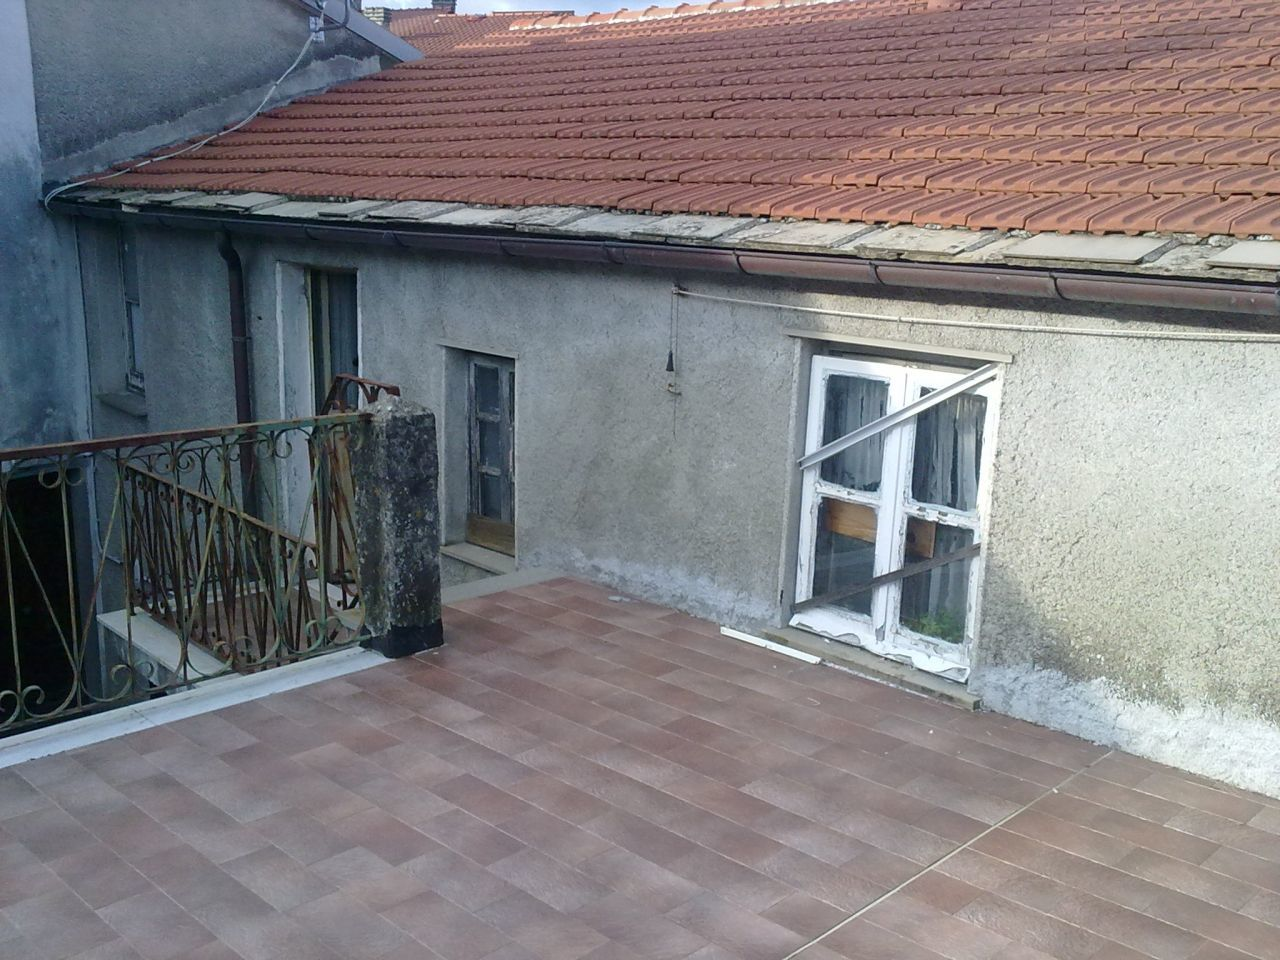 Appartamento in vendita a Carro, 4 locali, prezzo € 60.000 | CambioCasa.it